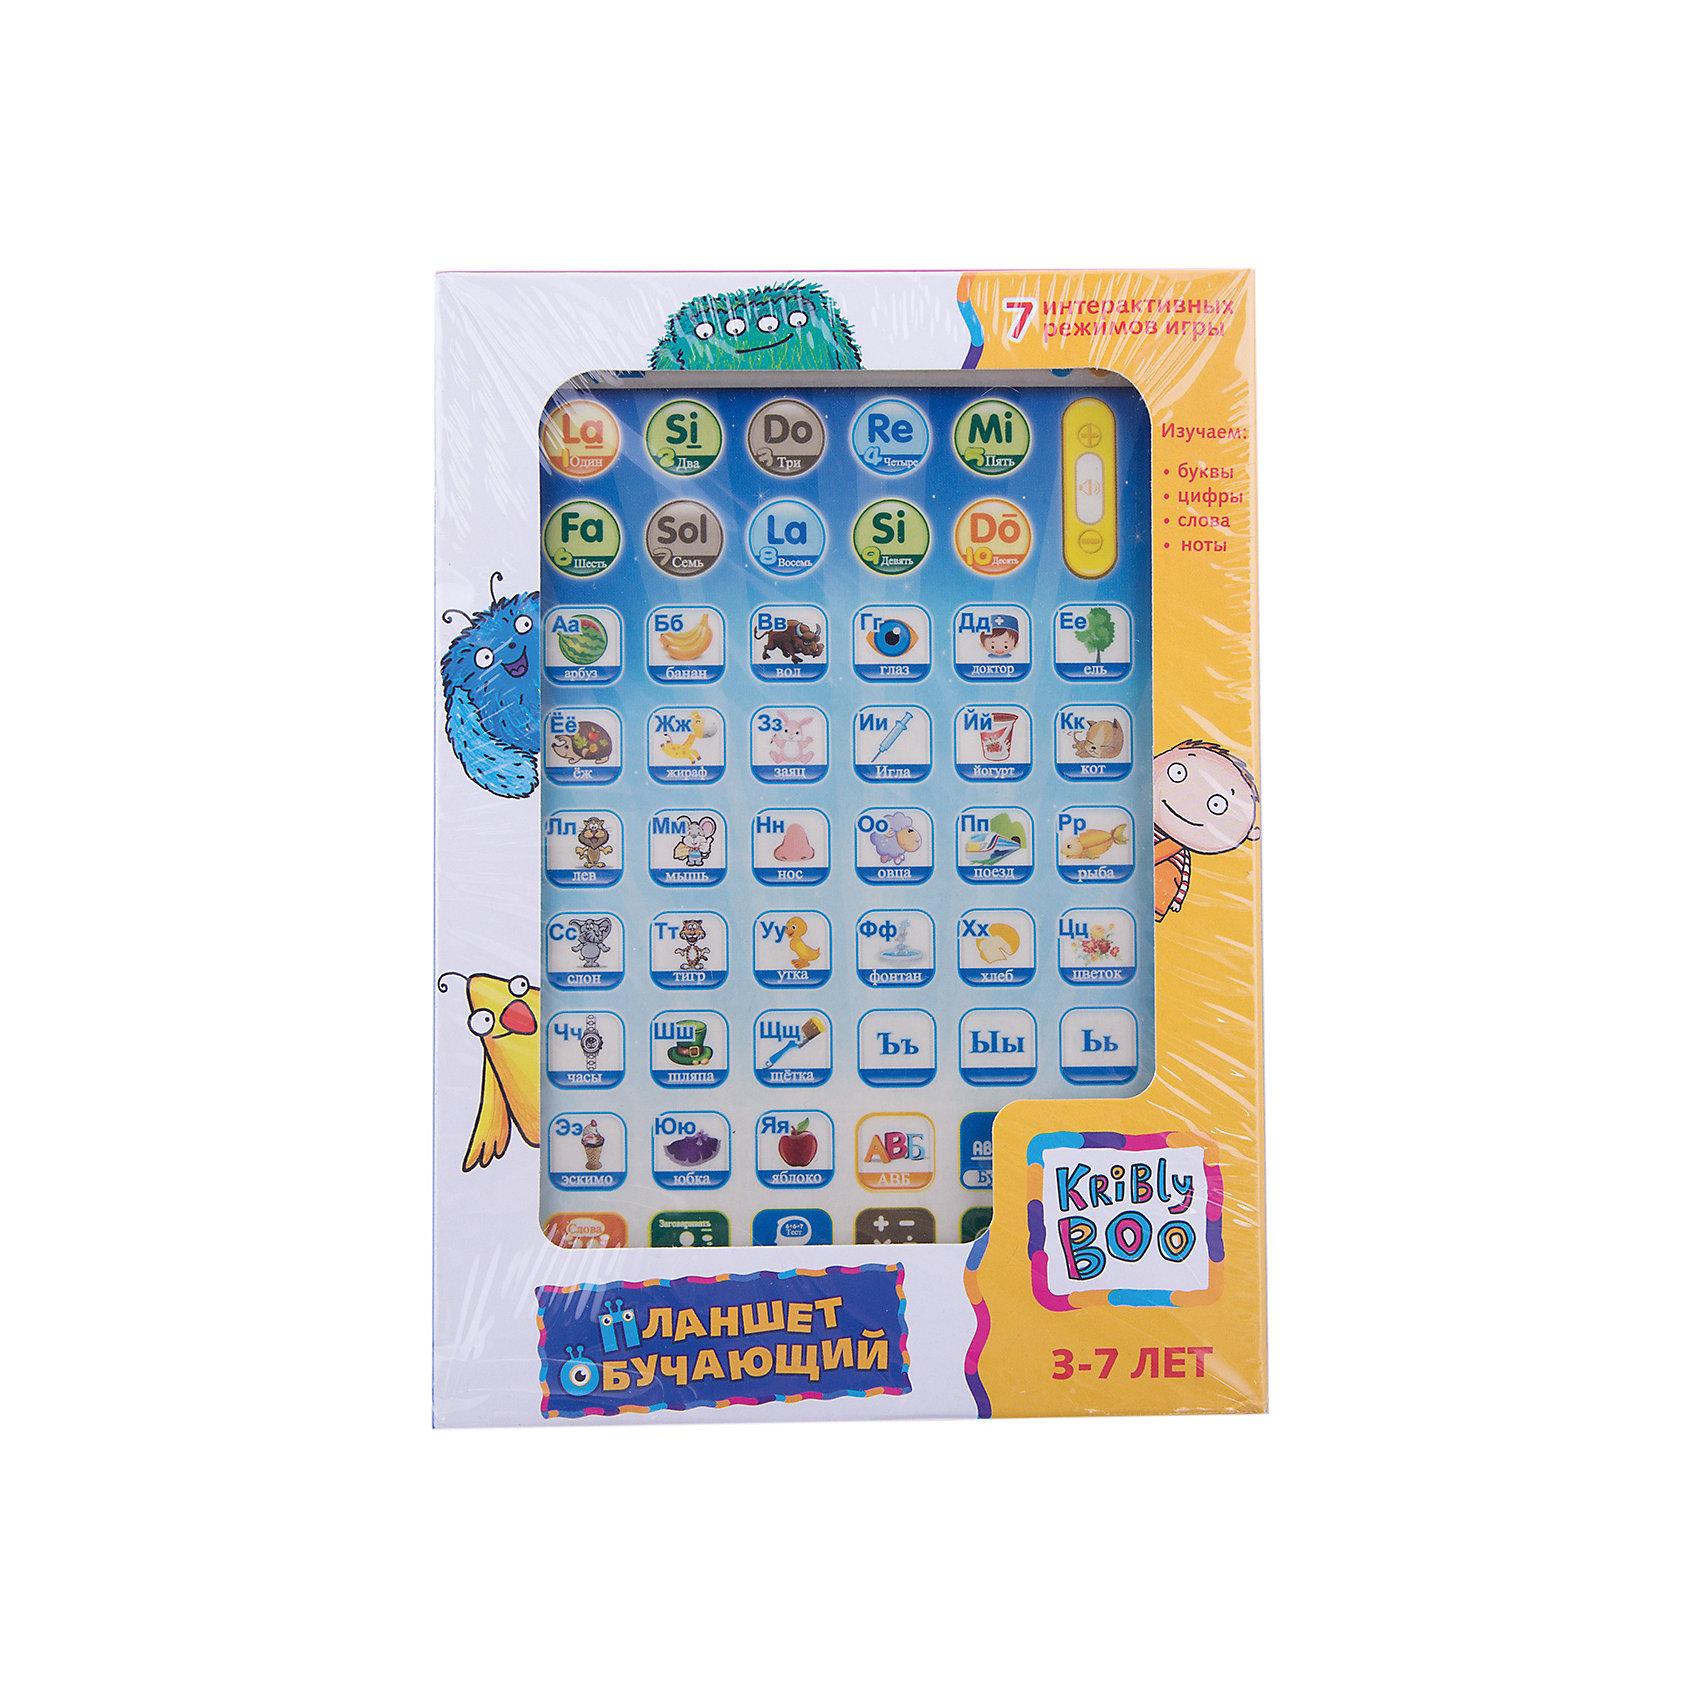 Обучающий планшет 8, Kribly BooИнтерактивные игрушки для малышей<br>Дети обожают гаджеты и новые технологии.  С помощью этого простого и понятного планшета малыш сможет получить первоначальные навыки о цифрах и счете, буквах, нотах, развить внимание и память, делая это в игровой, интересной форме. Планшет включает в себя 7 режимов игры: изучение очередности букв в алфавите, изучение отдельных букв, изучение цифр, изучение слов,<br>экзамен, тест на сложение и вычитание, изучение нот. Режимы Тест и Математика  учат ребенка сосредотачиваться на предложенных заданиях, формируют психологическую готовность к школьному обучению. <br><br>Дополнительная информация:<br><br>- Материал: пластик, металл.<br>- Размер упаковки: 13х18х2,5 см.<br>- Звуковые эффекты.<br>- Регулировка звука. <br>- Элемент питания: 3 АА батарейки (не входят в комплект).<br>- 7 режимов. <br>- Язык: русский.<br><br>Обучающий планшет 8, Kribly Boo (Крибли Бу), можно купить в нашем магазине.<br><br>Ширина мм: 180<br>Глубина мм: 130<br>Высота мм: 25<br>Вес г: 226<br>Возраст от месяцев: 36<br>Возраст до месяцев: 84<br>Пол: Унисекс<br>Возраст: Детский<br>SKU: 4515331